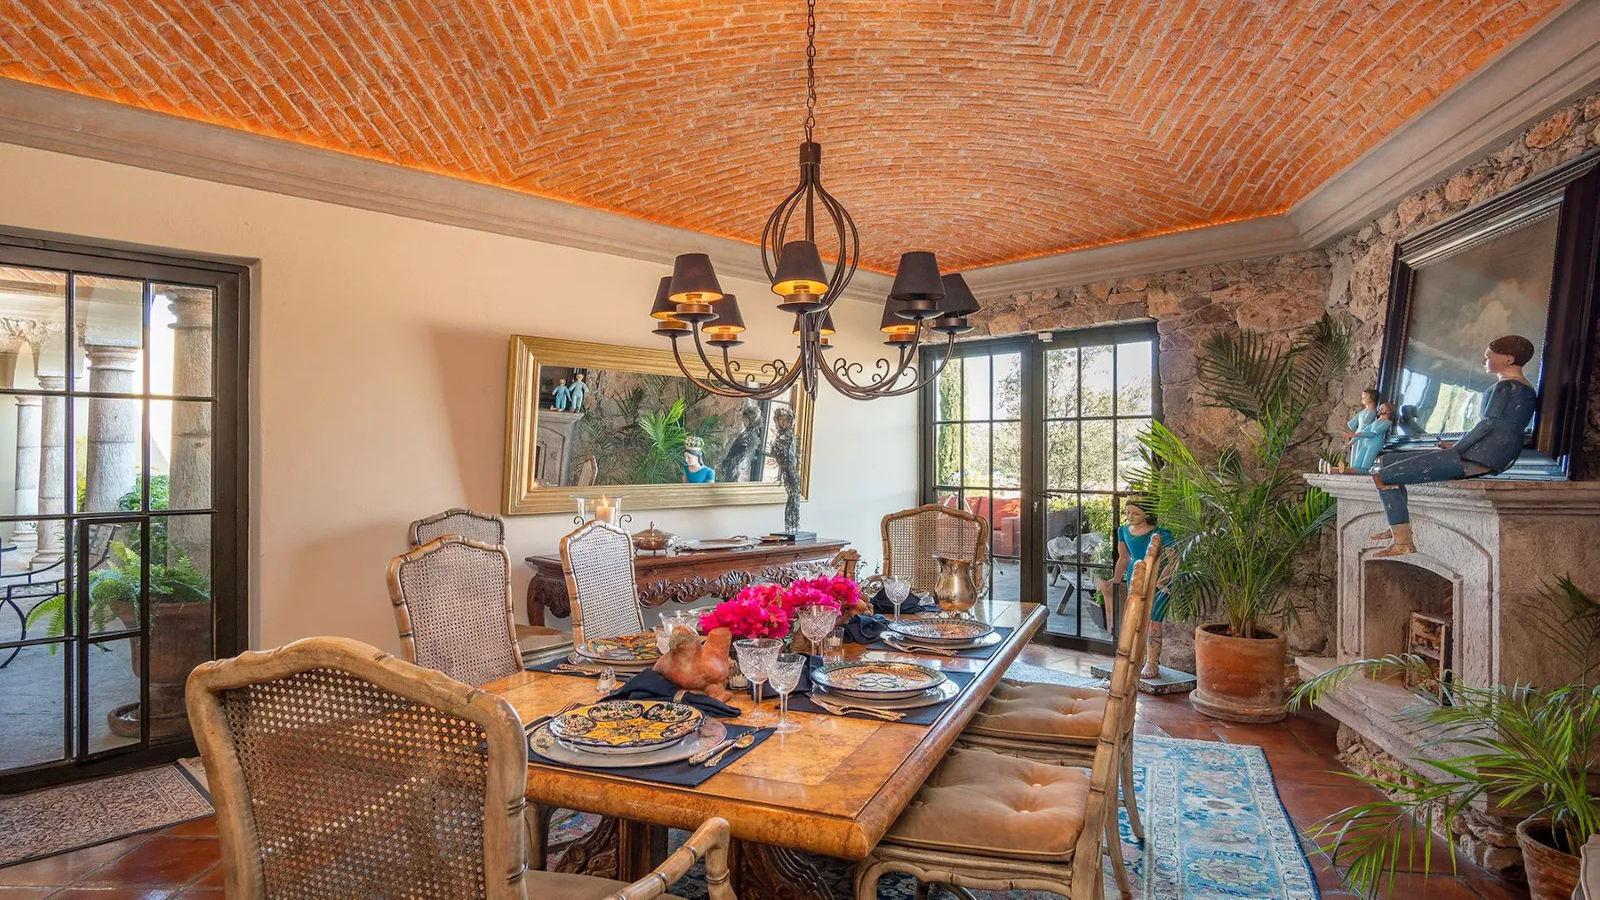 Crystal Calderoni Casa Por Fin - San Miguel de Allende (33)